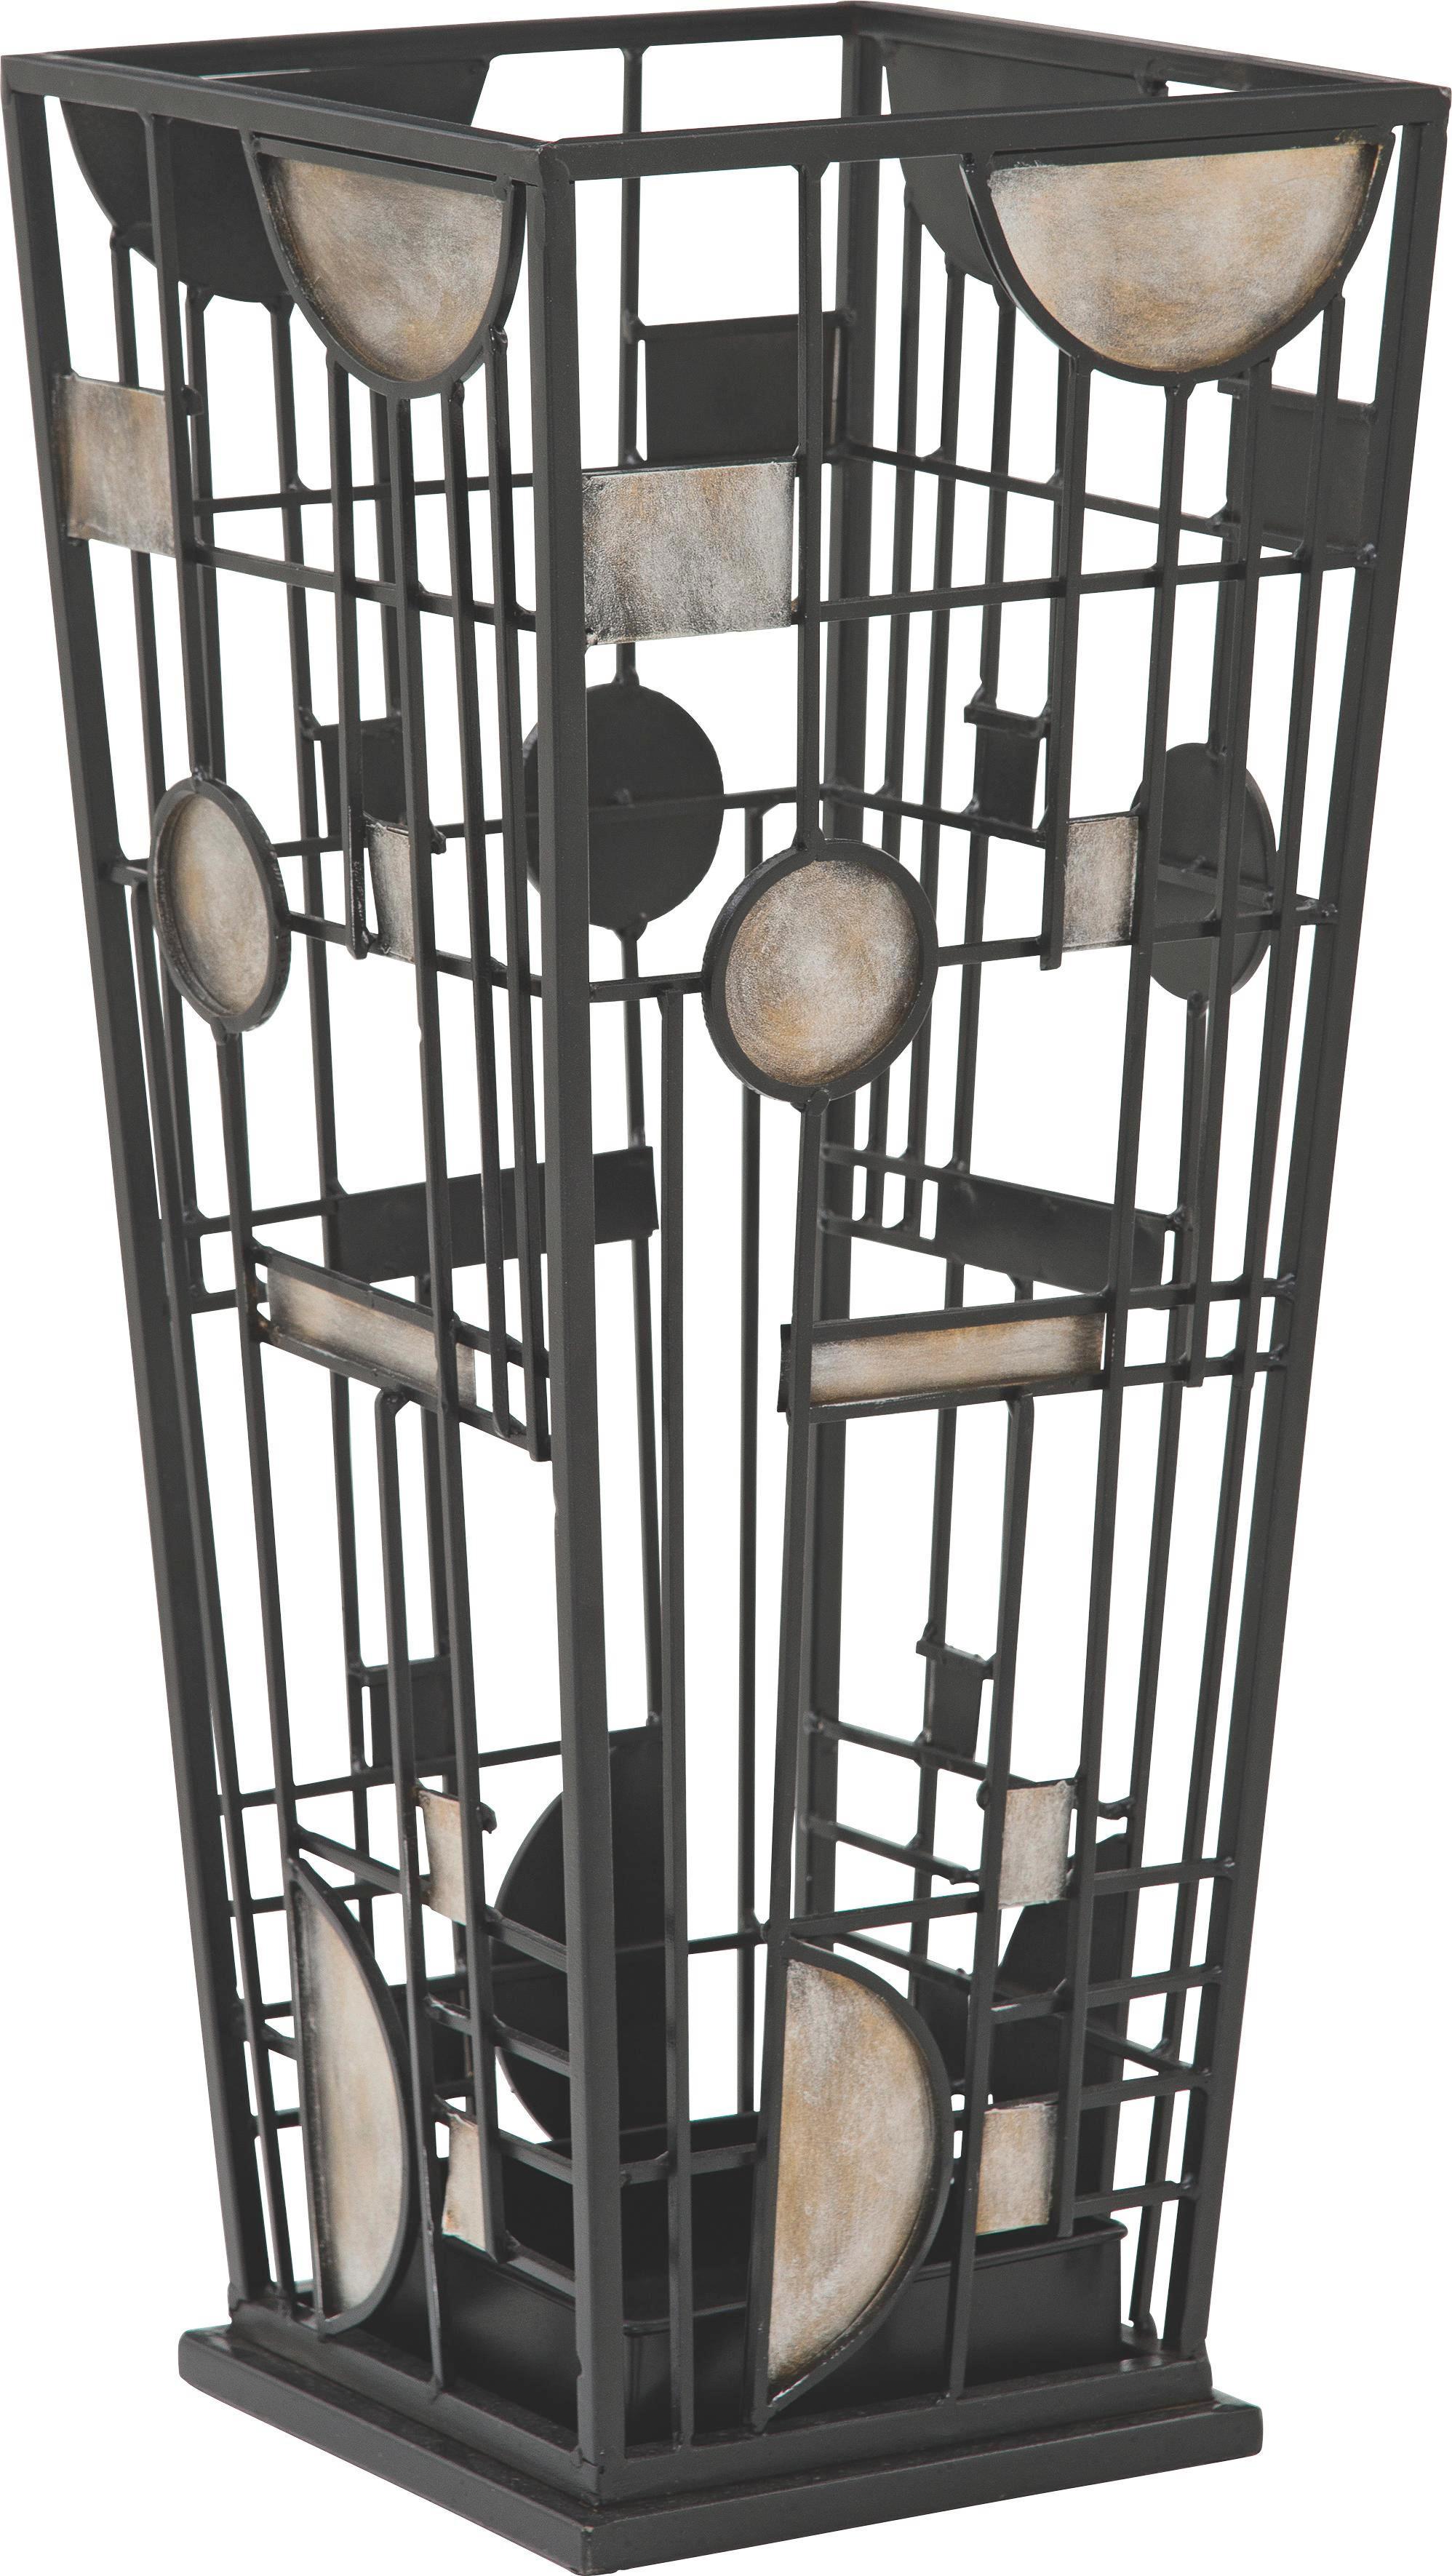 SCHIRMSTÄNDER - Silberfarben/Schwarz, Design, Metall (23/53/23cm)